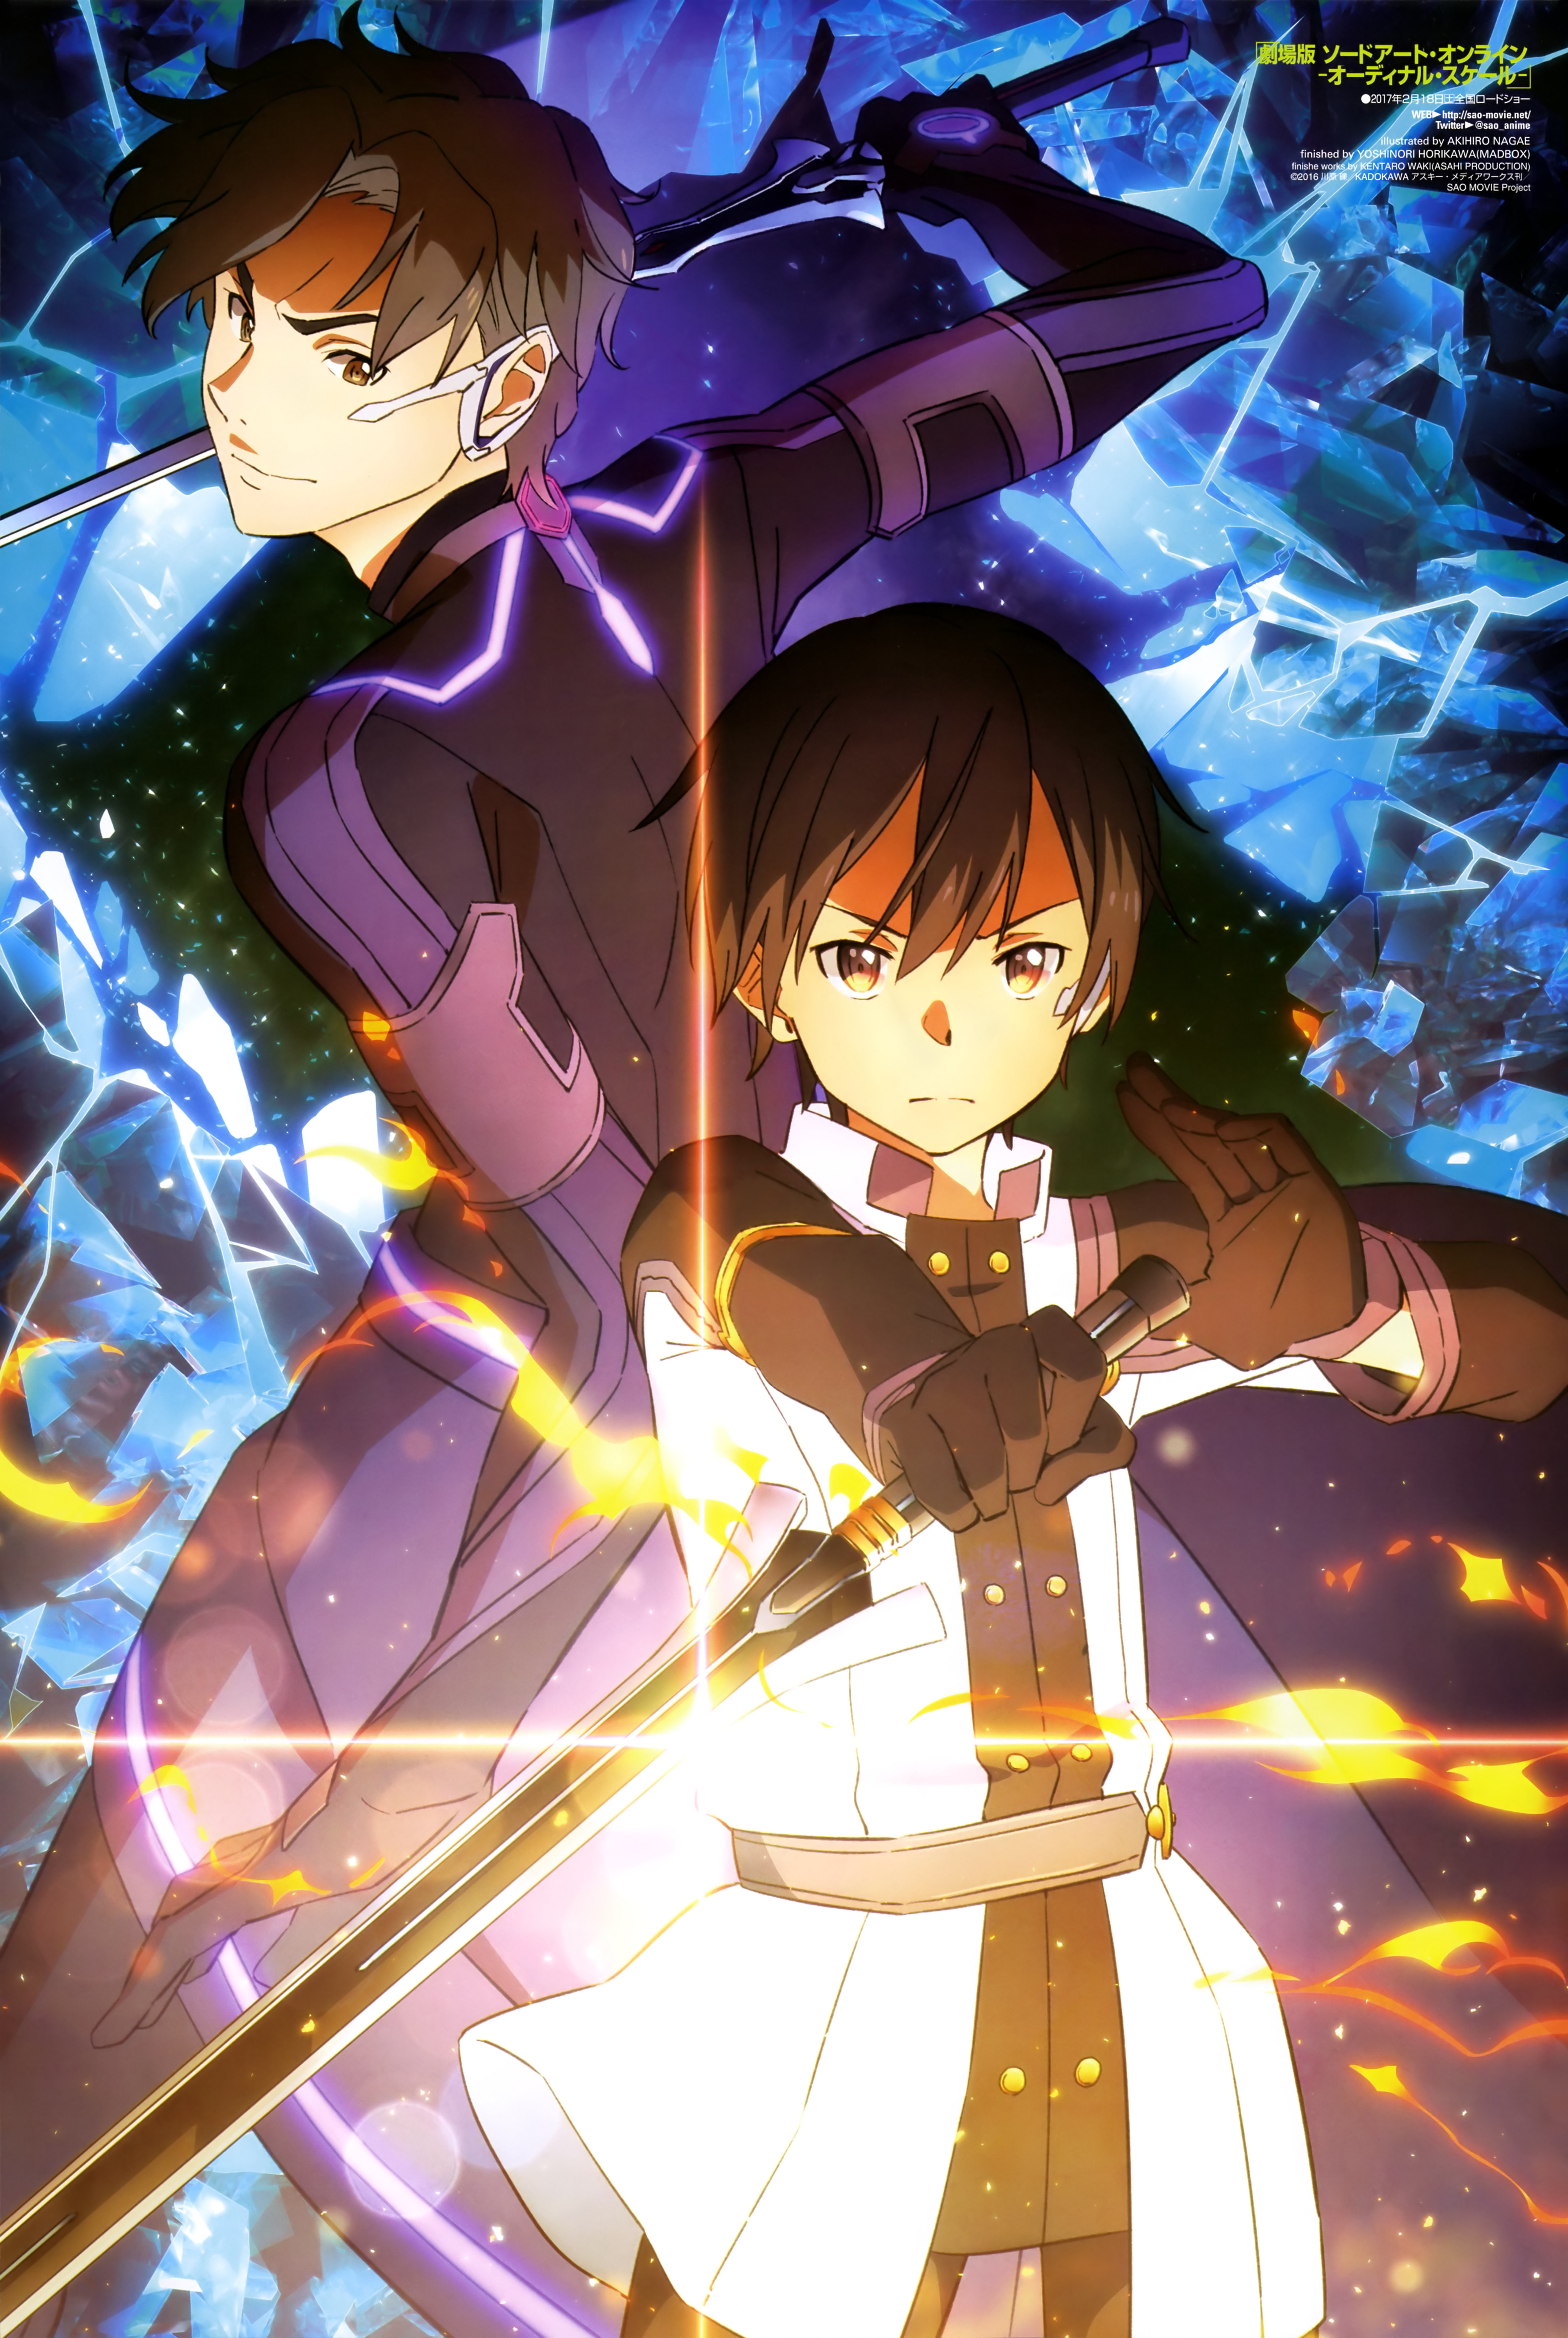 sword mobile wallpaper zerochan